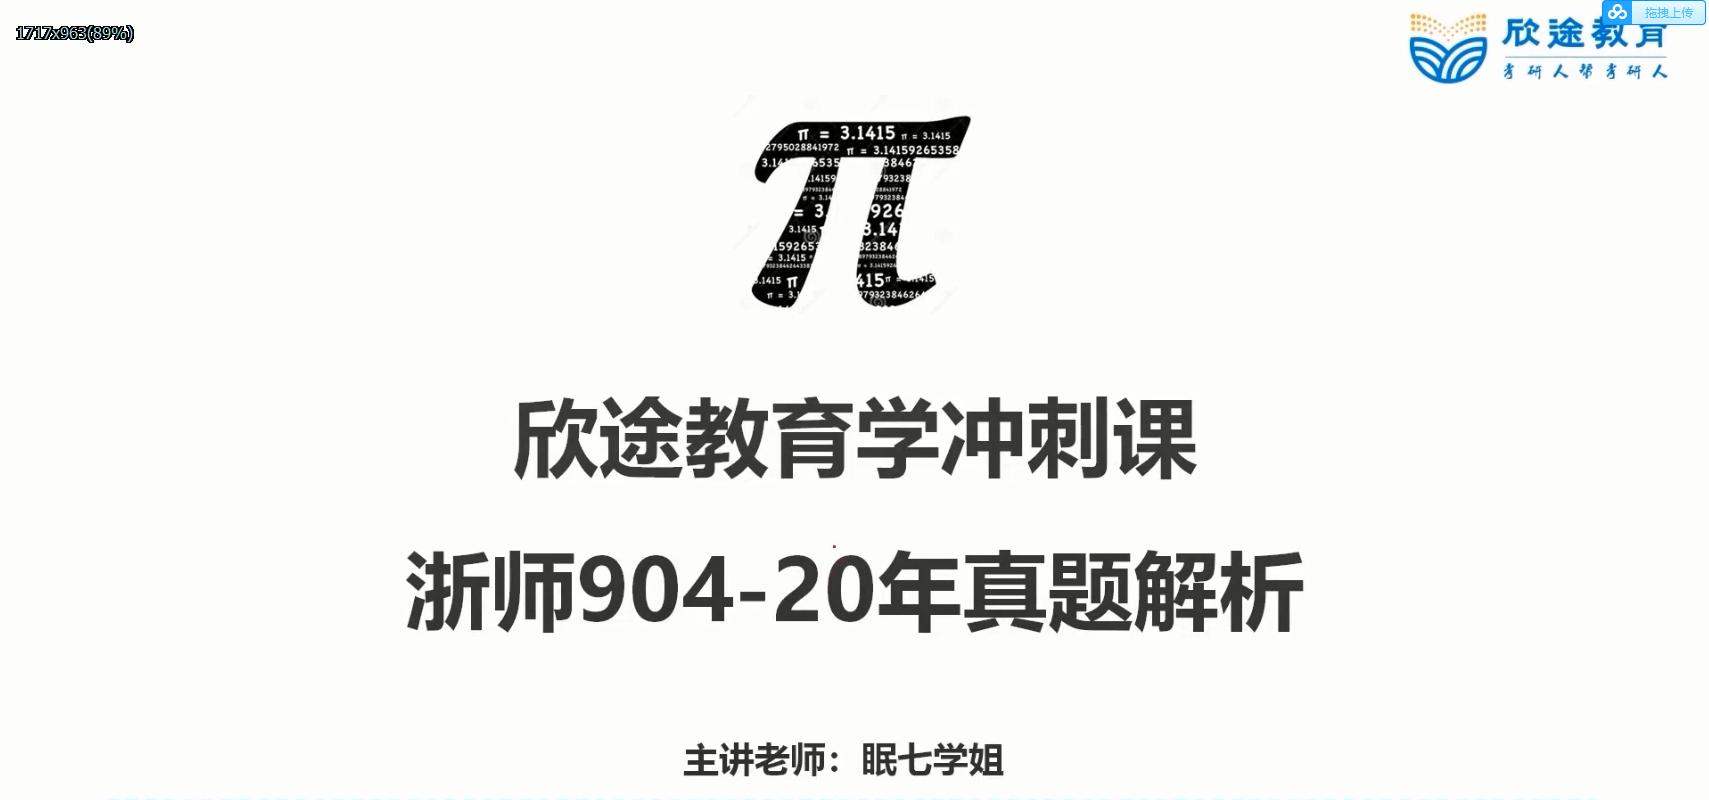 【2021教育学考研】浙江师范大学(学科数学)冲刺真题解析试听课